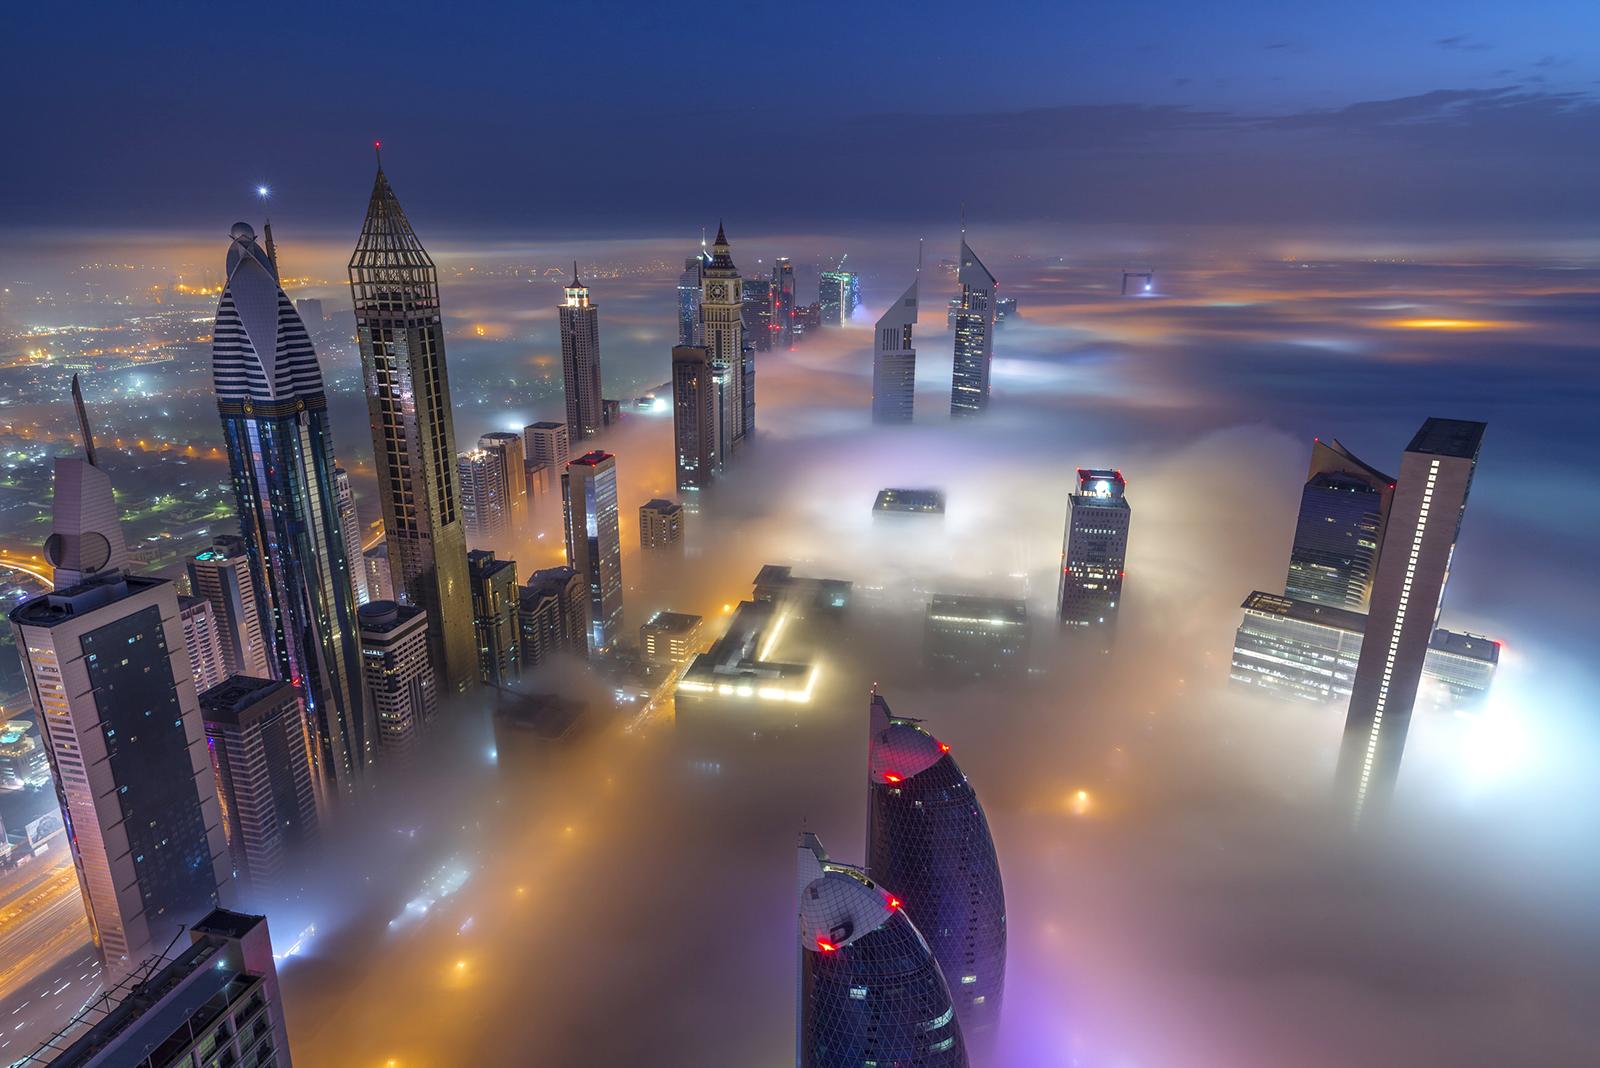 Dubai Downtown with fog